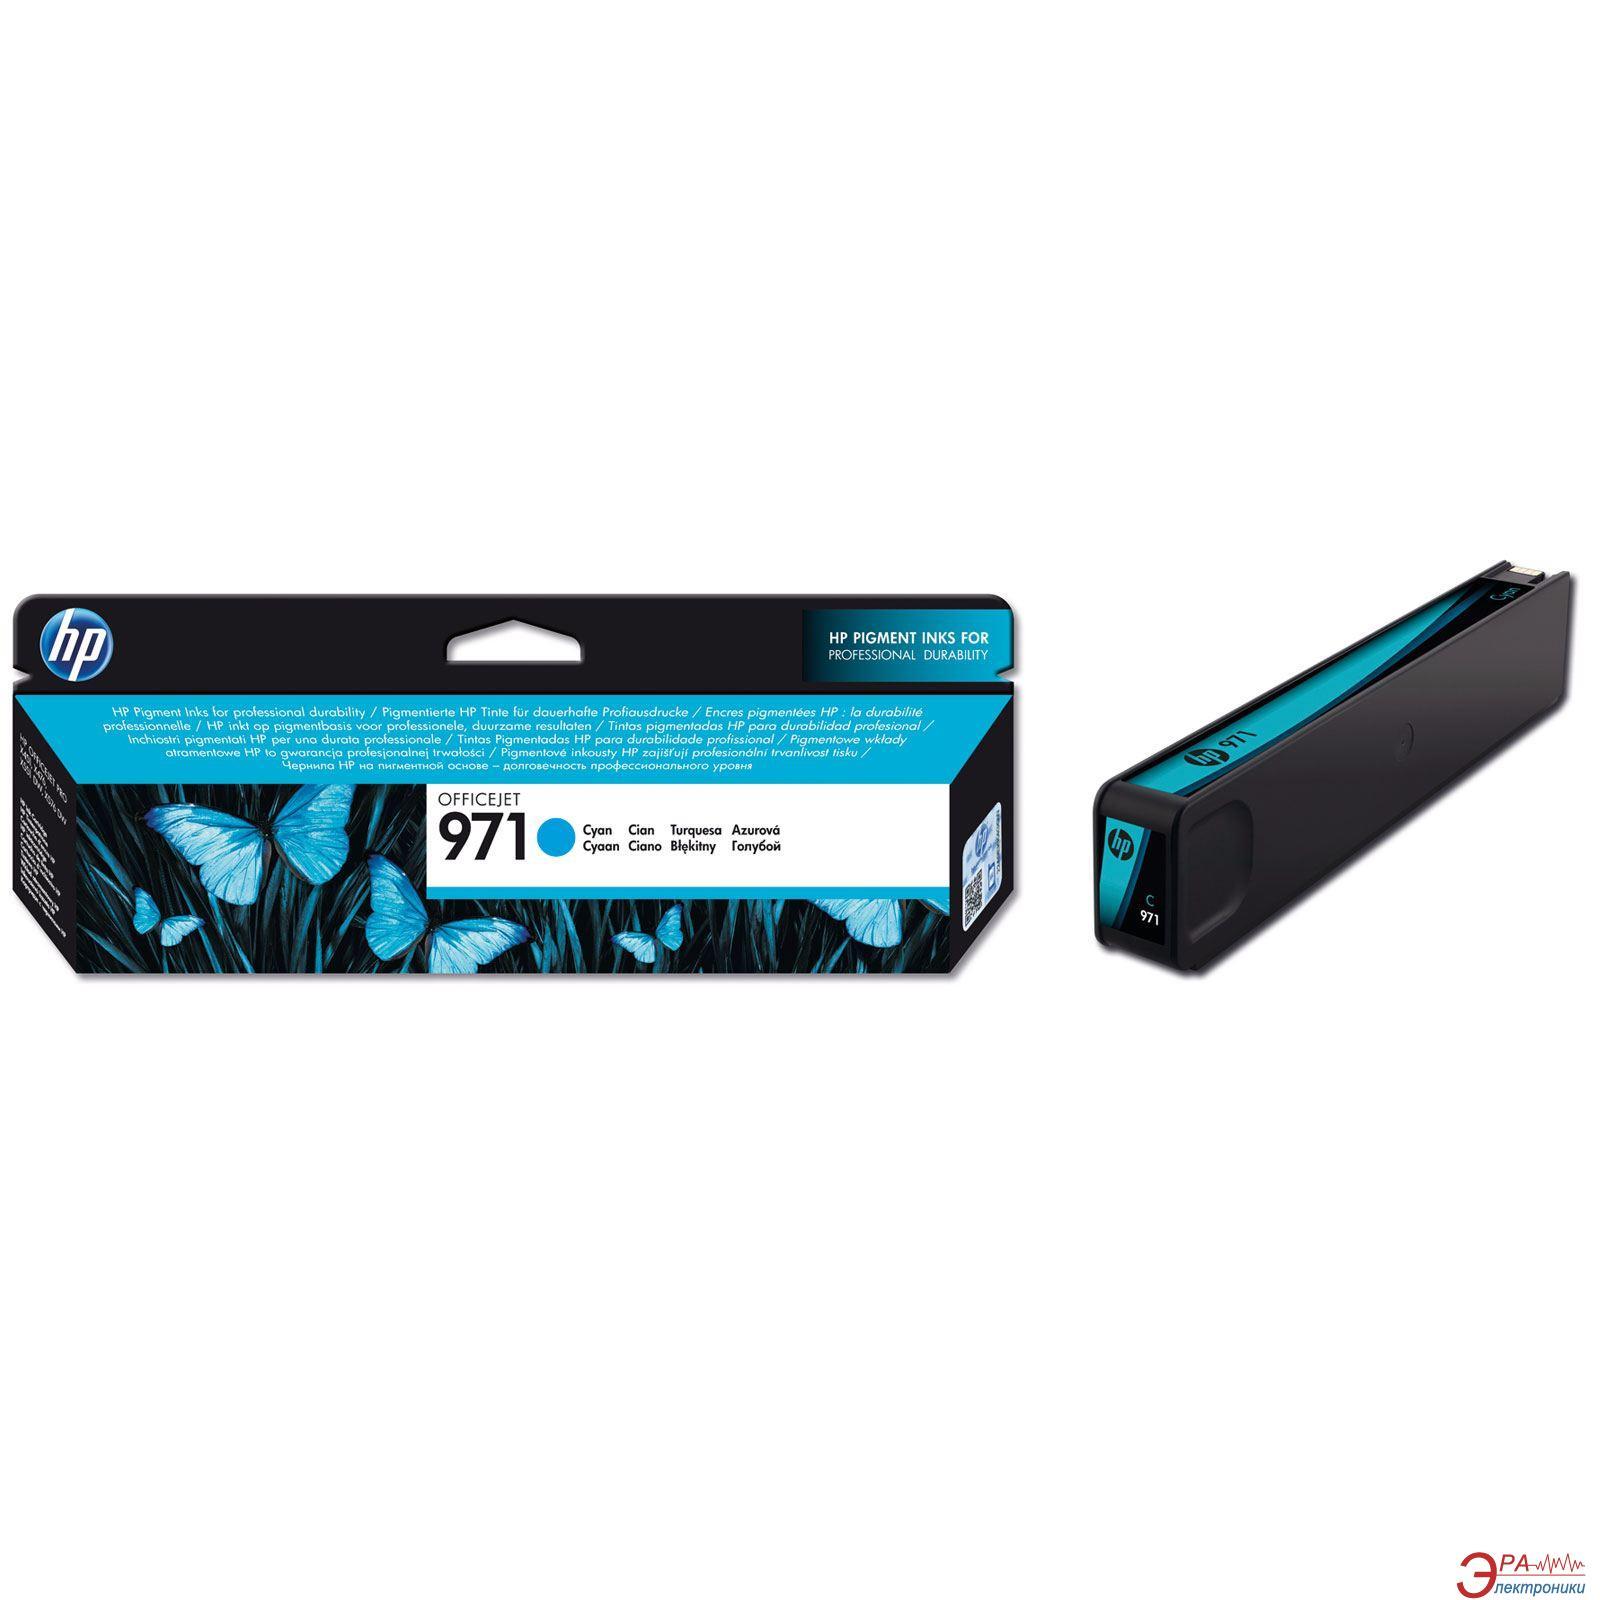 Картридж HP 971 (CN622AE) (Officejet Pro X451dw) Cyan